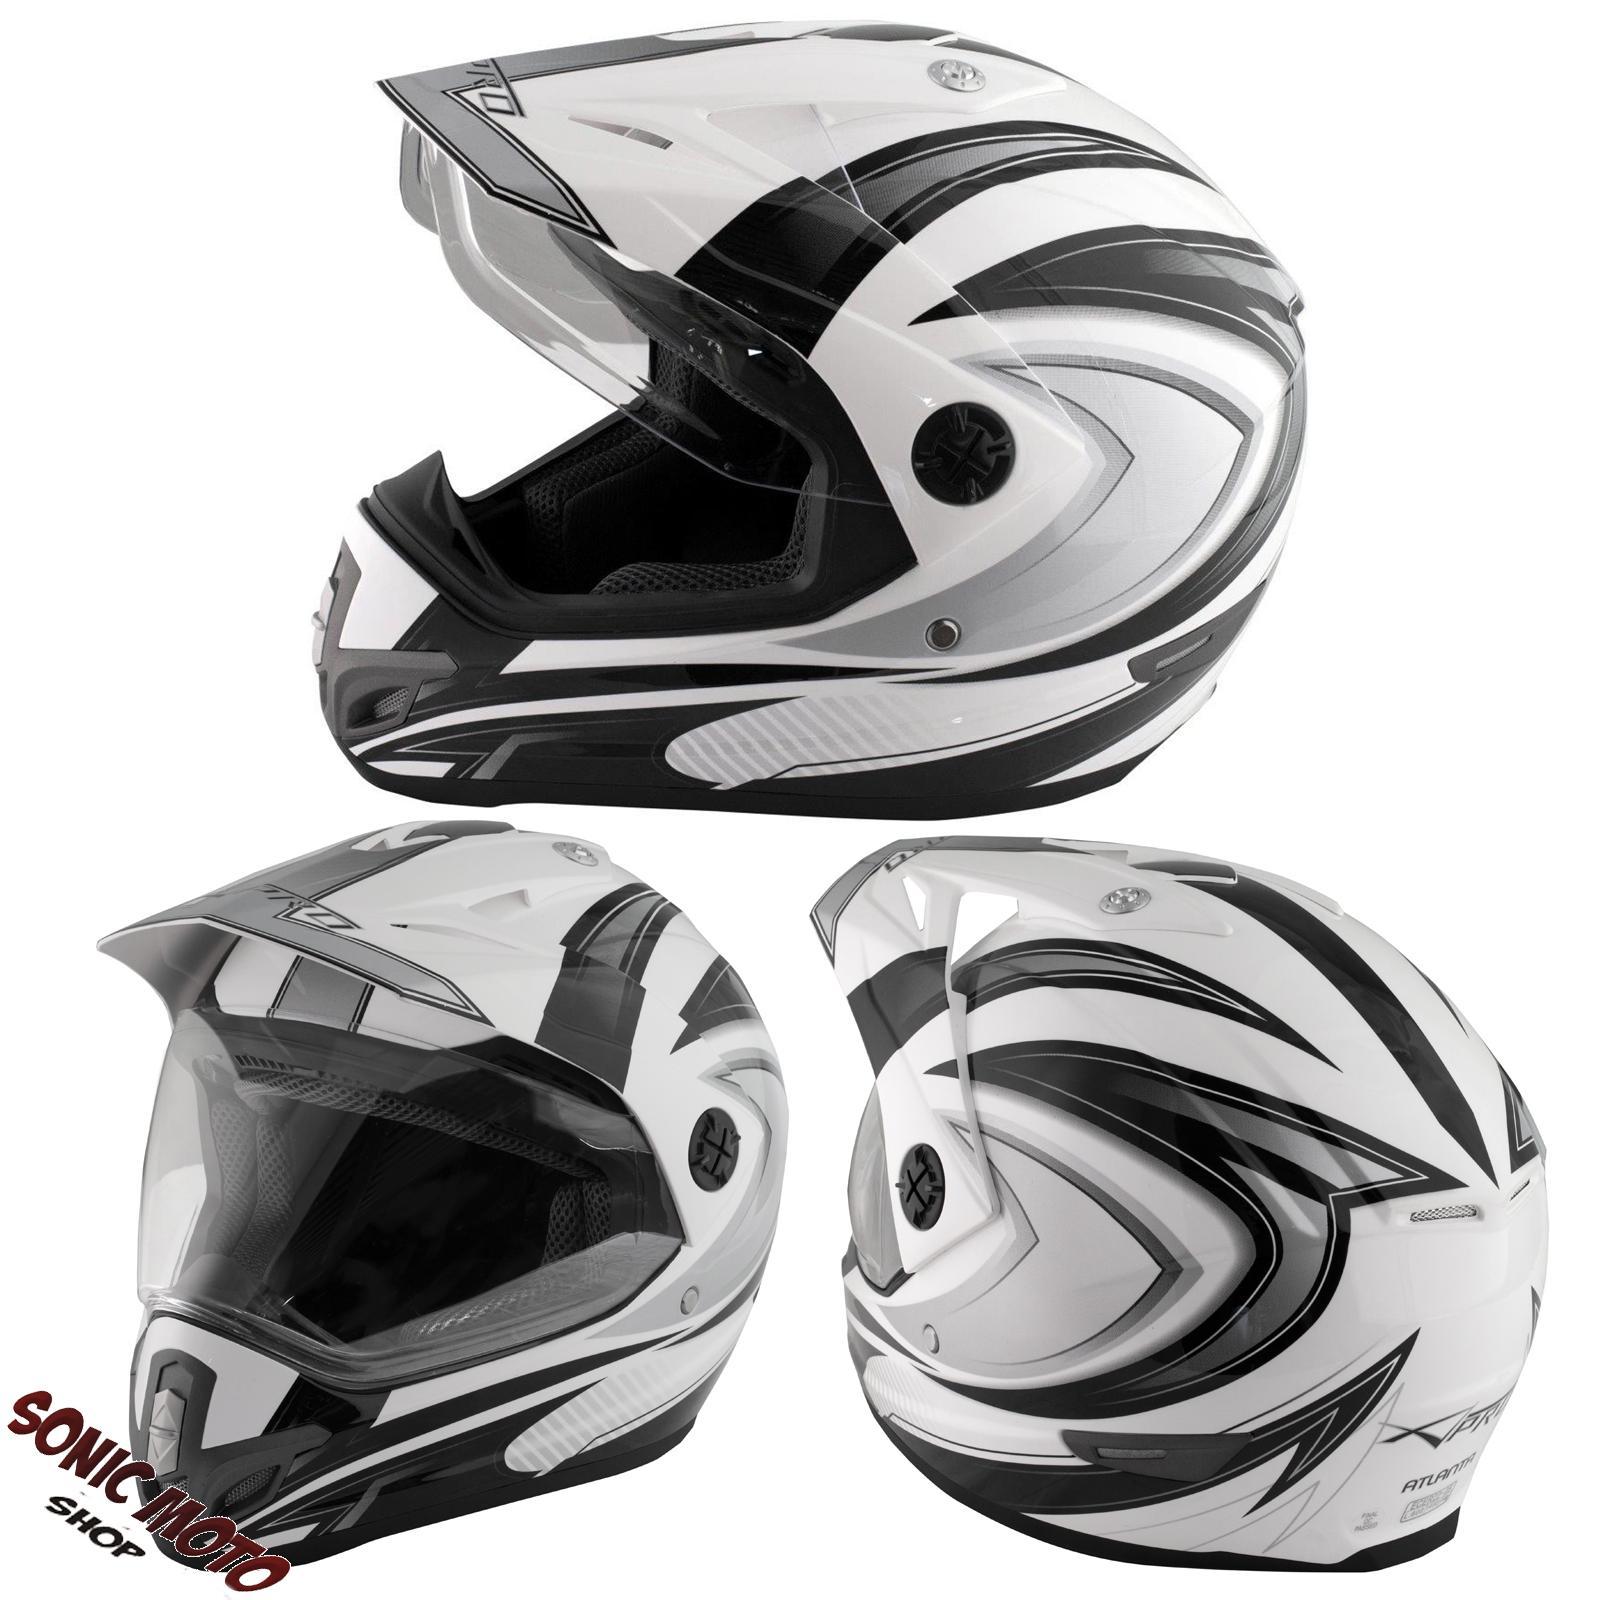 Casque-Motocross-Moto-Enduro-Offroad-Quad-ATV-Visiere-Anti-Buee